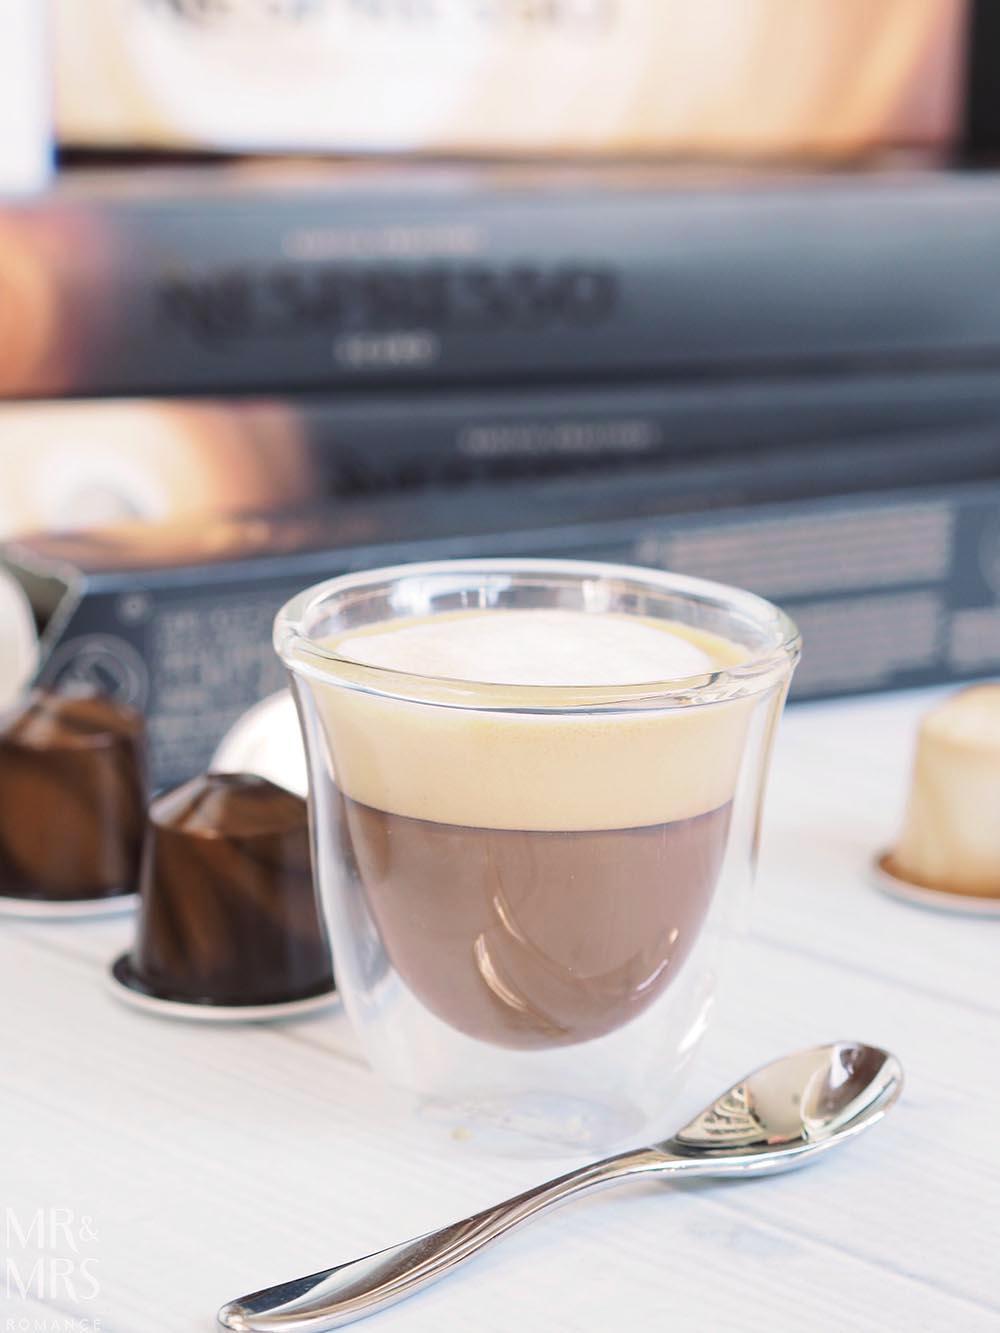 Weekly Edition - Nespresso Barista Creations macchiato